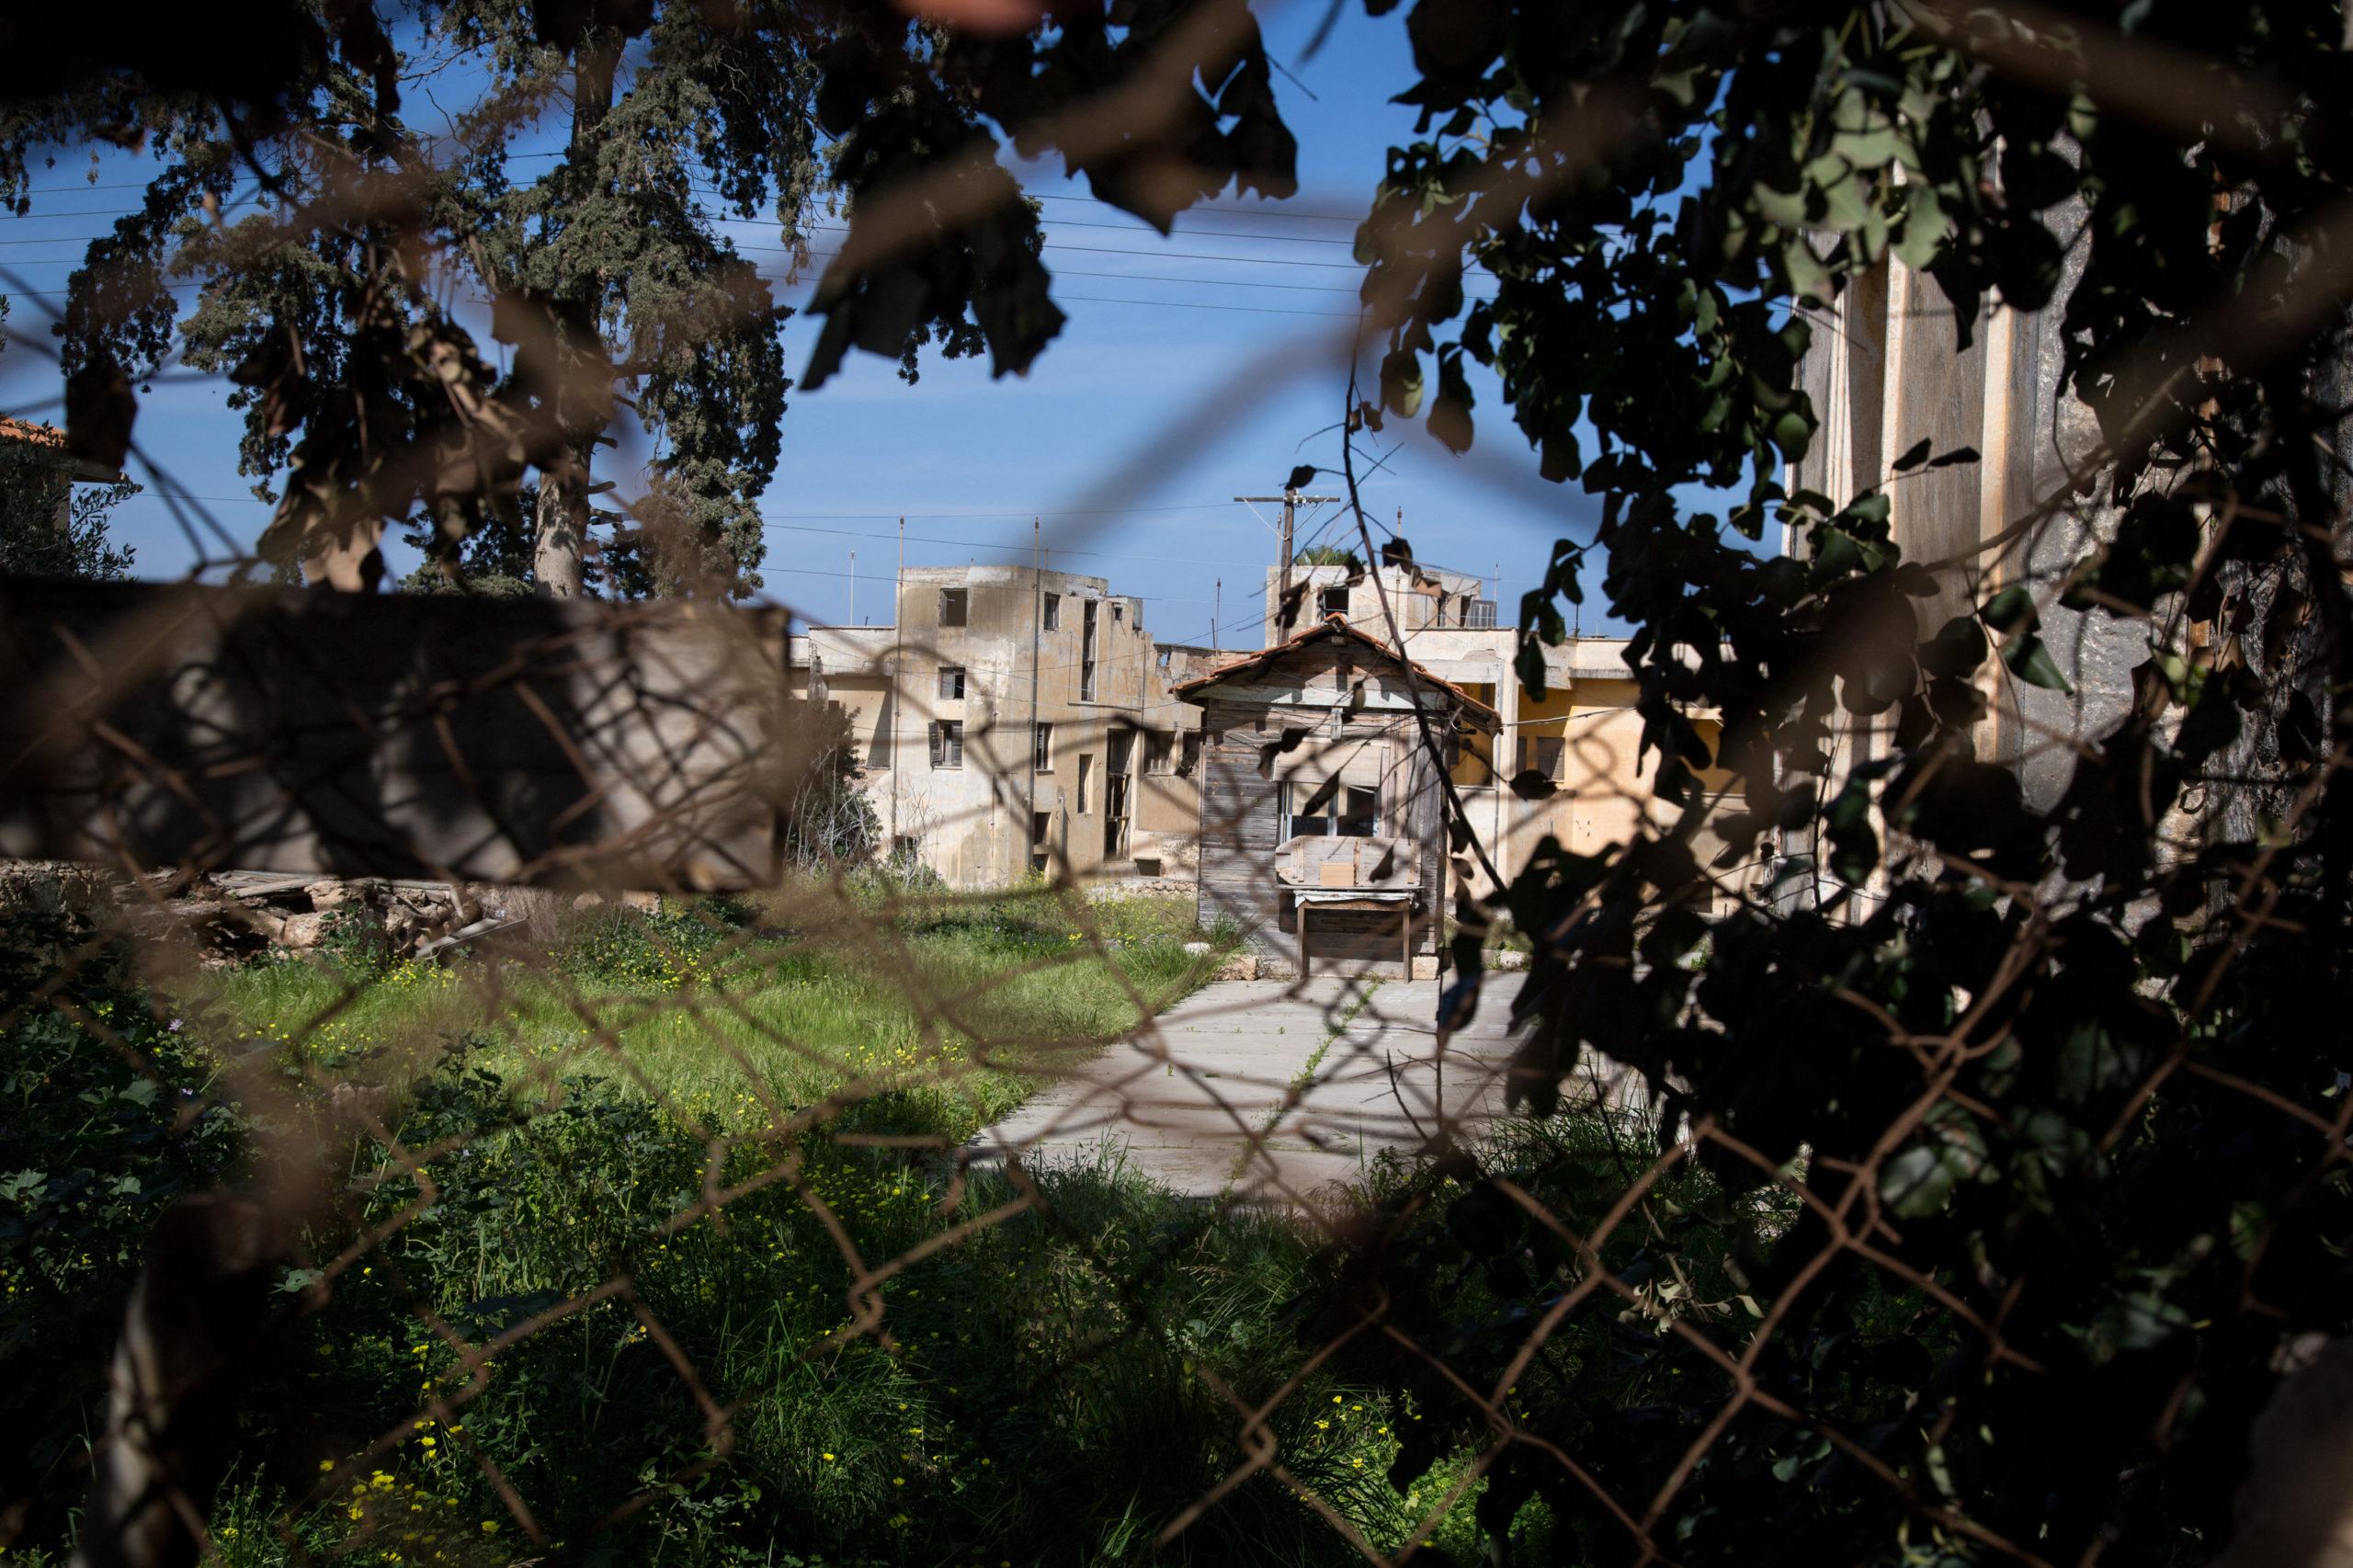 Seitdem die Einwohner 1974 vor der türkischen Armee geflohen sind, gibt es kein Leben mehr in den Straßen, den Häusern, den Gebäuden und ihren Terrassen. Varosha ist eine Geisterstadt.